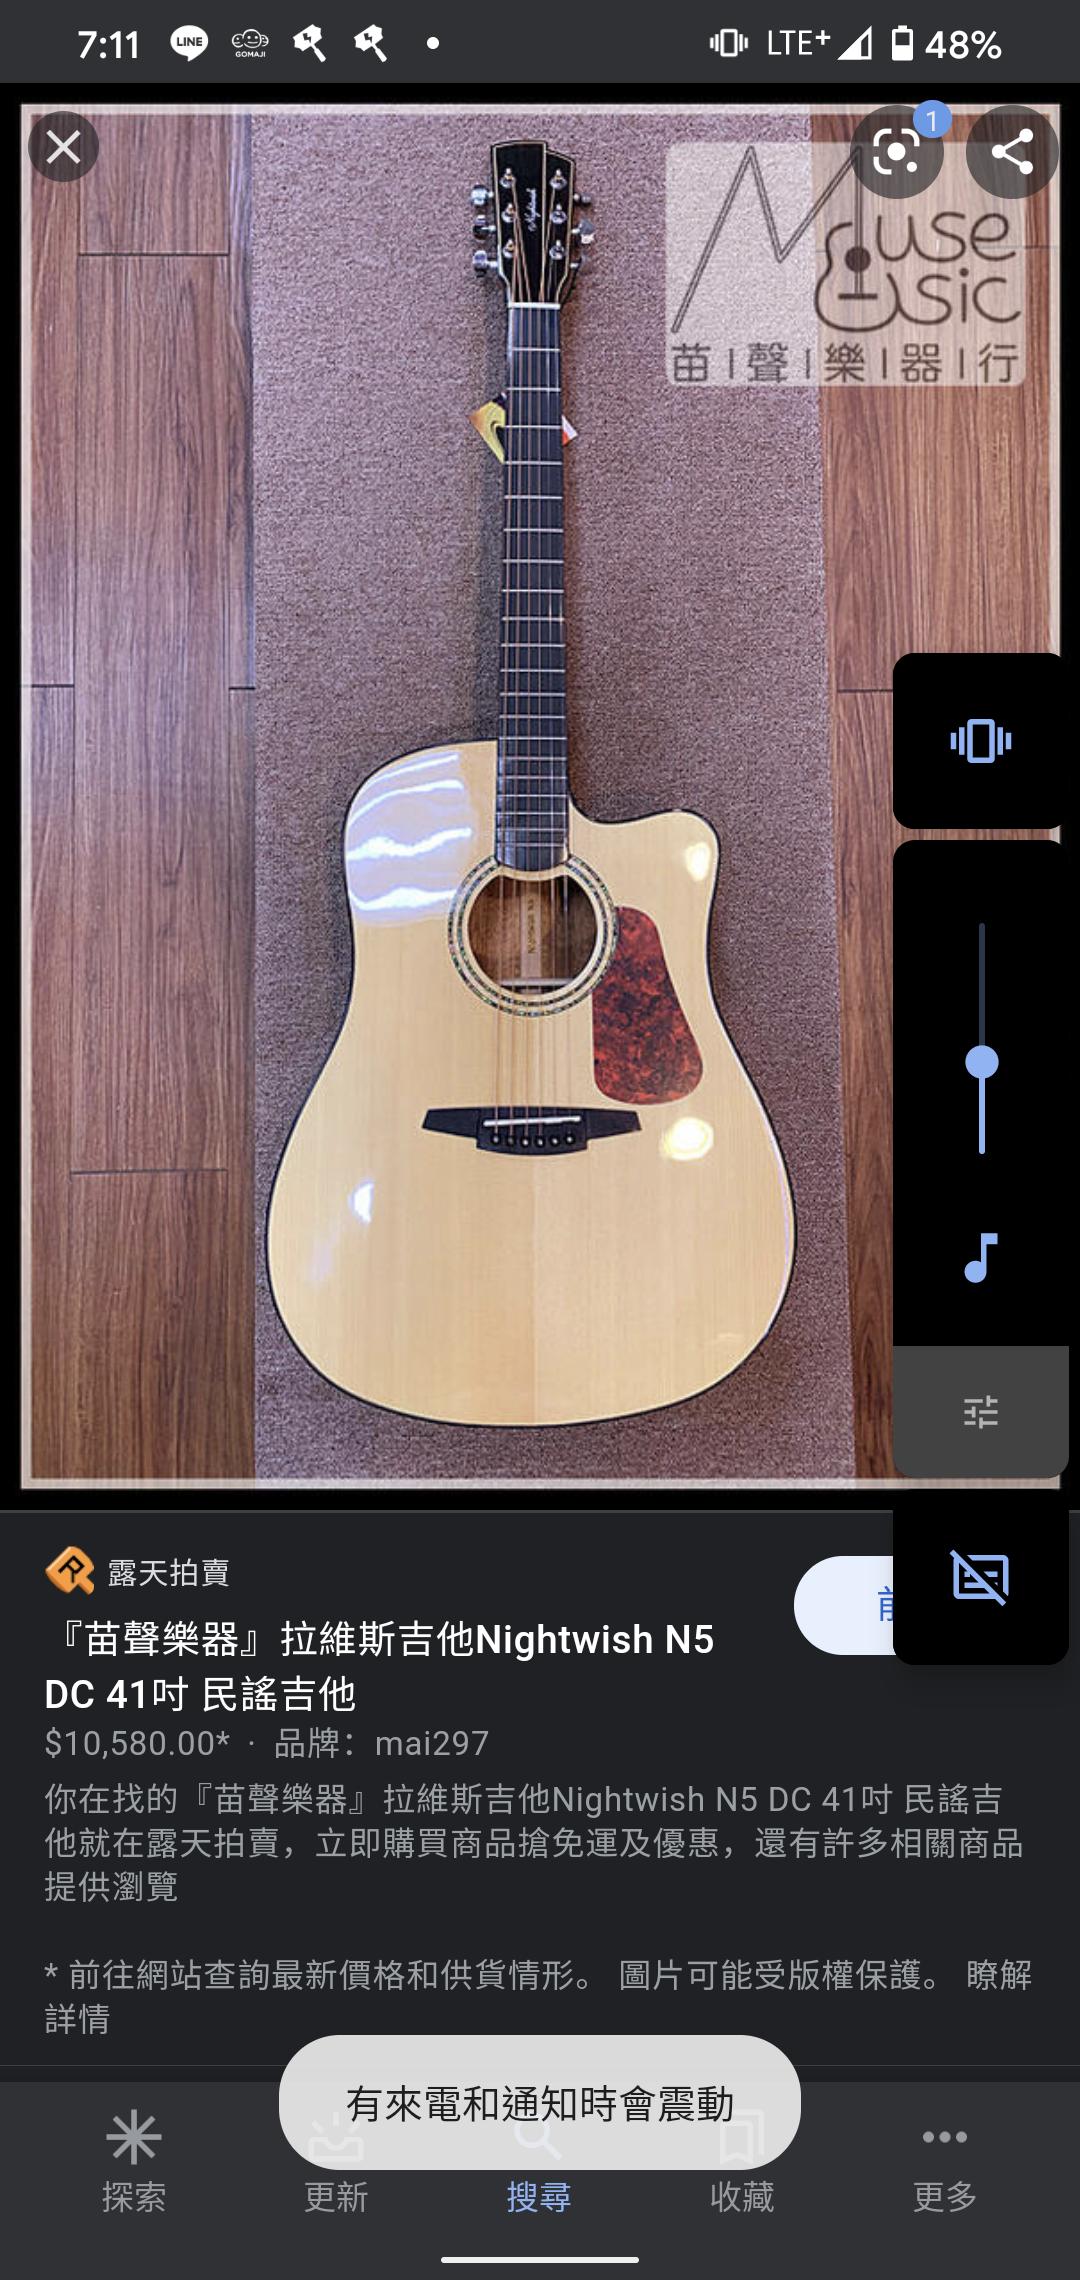 全新的Nightwish N5 D桶